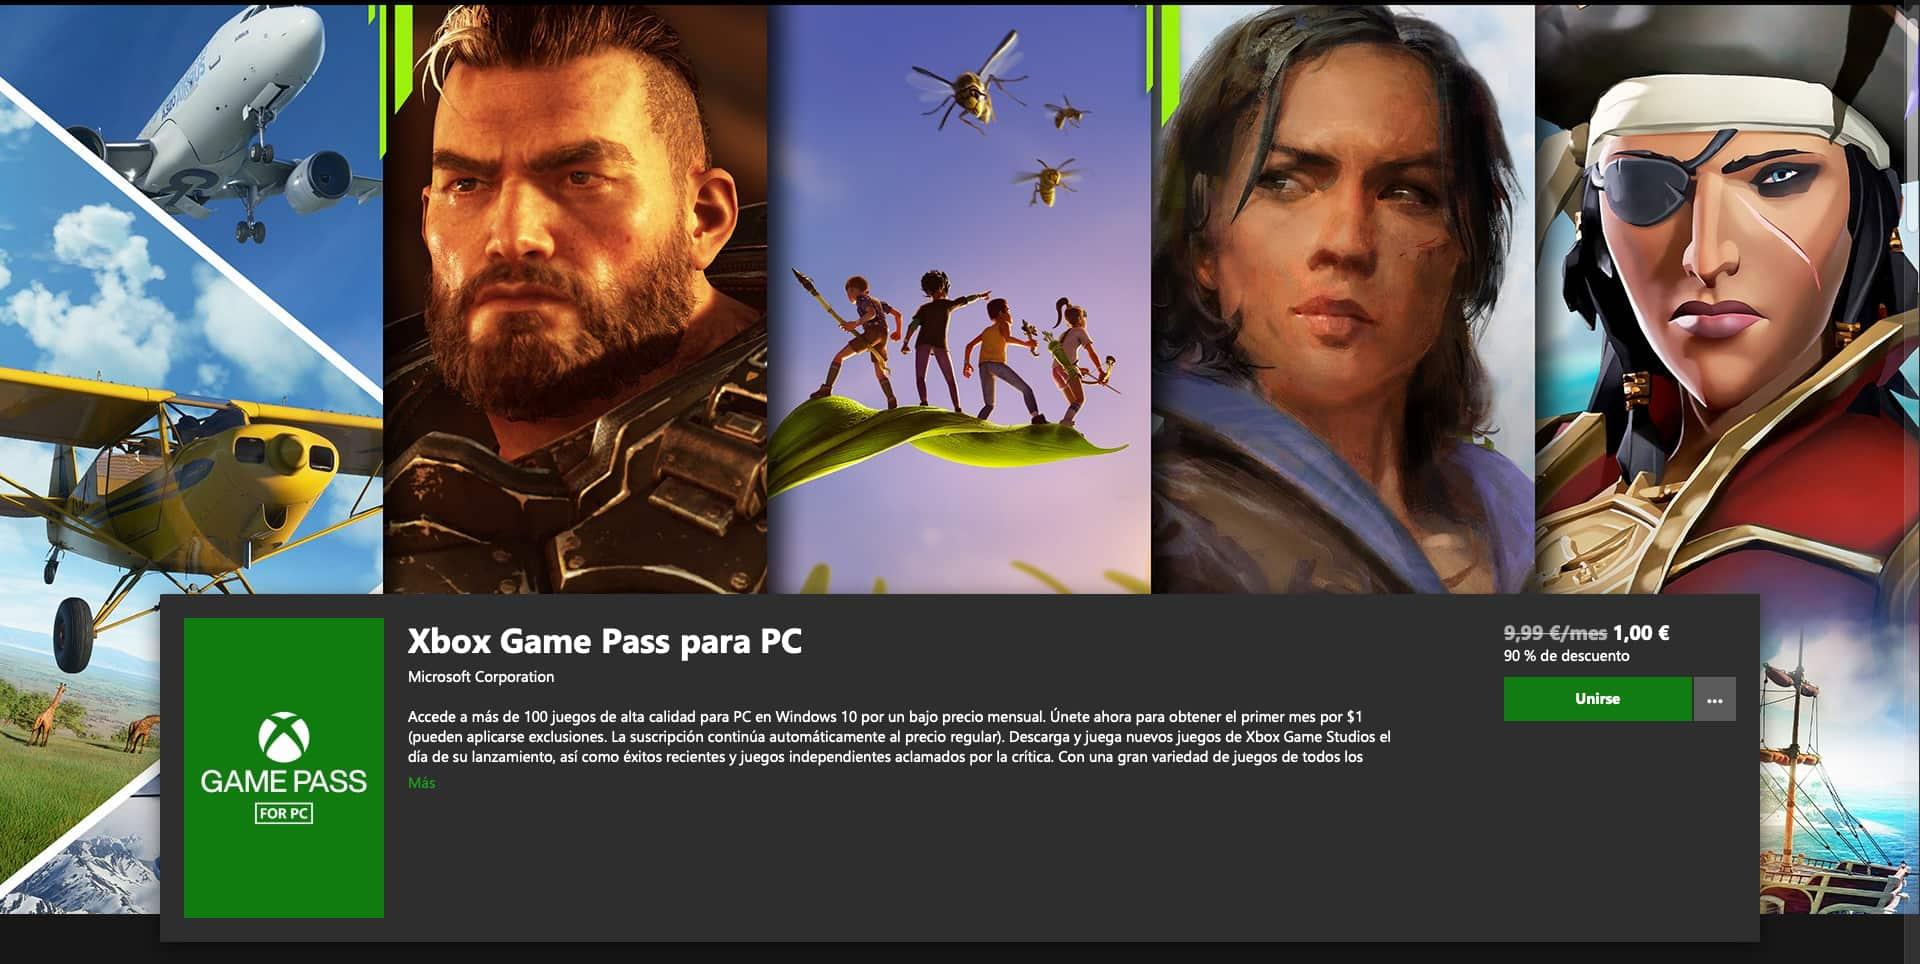 ¡Vuelve la oferta de Xbox Game Pass a 1€! (PC) 2